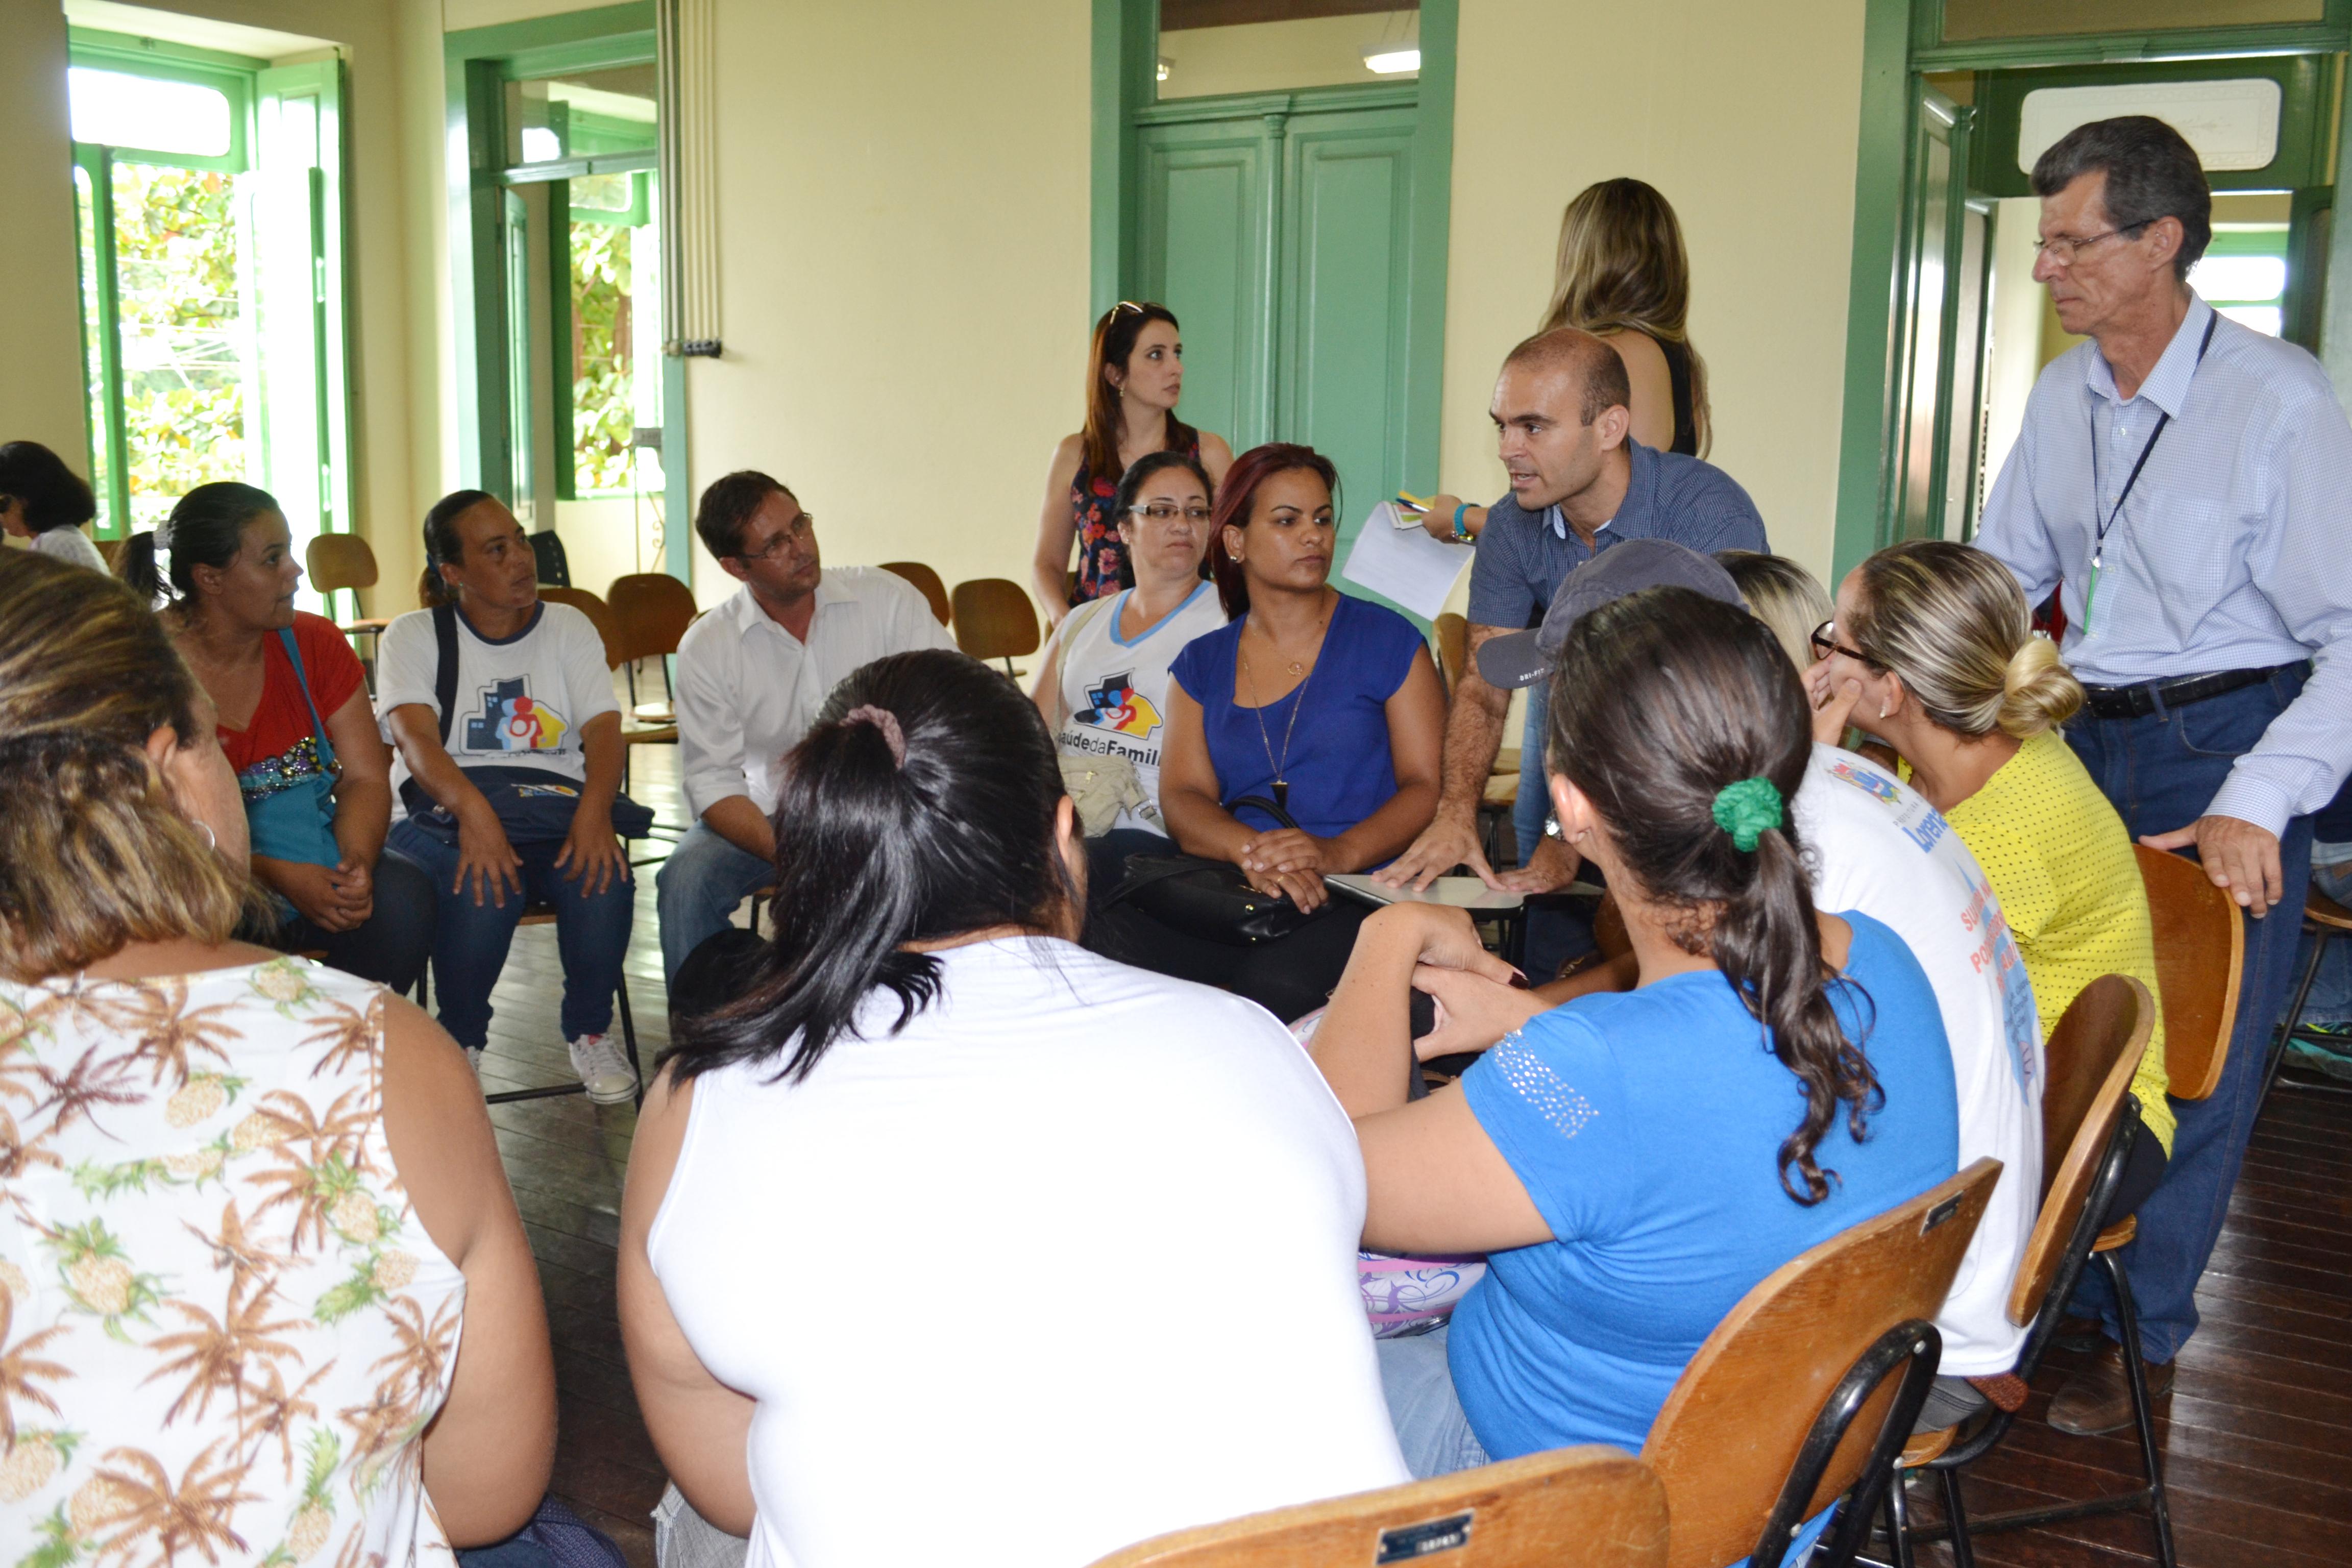 O secretário de Meio Ambiente, Willinilton Portugal, observa evolução de entendimento nas dinâmica de grupo, em reunião na Casa da Cultura (Lucas Barbosa)